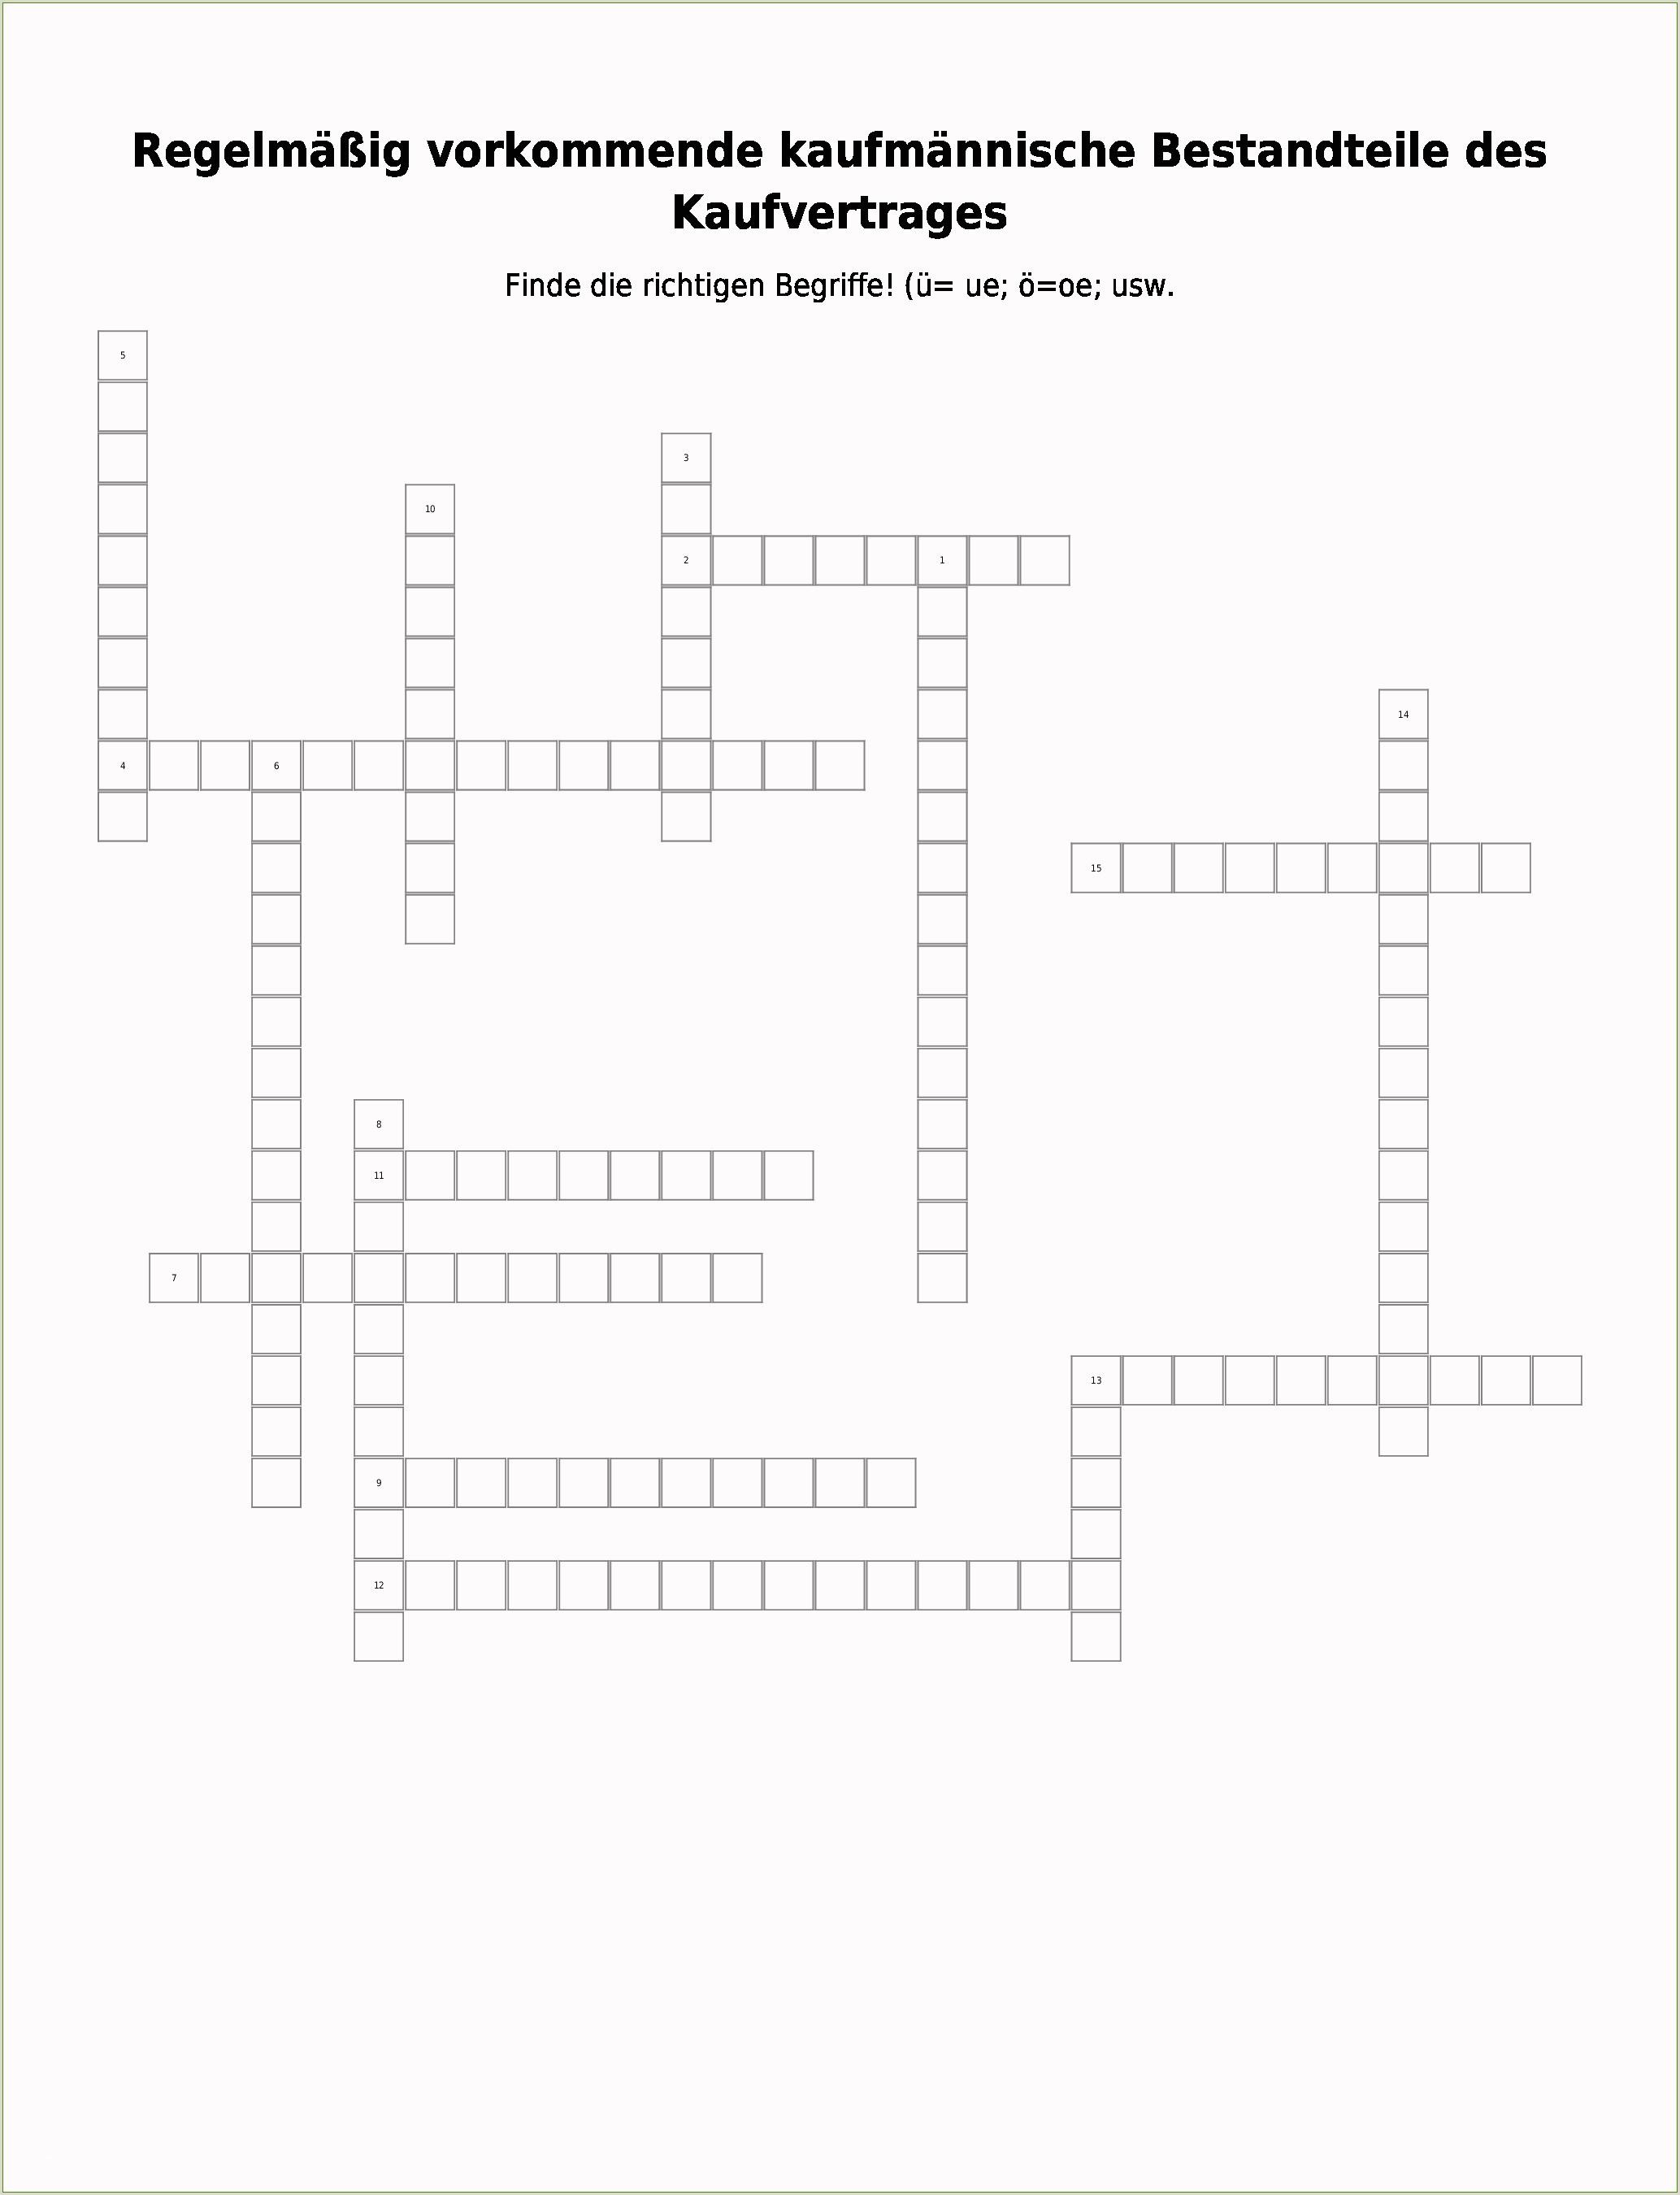 Lebenslauf Querformat Muster Lebenslauf Kreuzworträtsel 46 Vision Sie Berücksichtigen Müssen